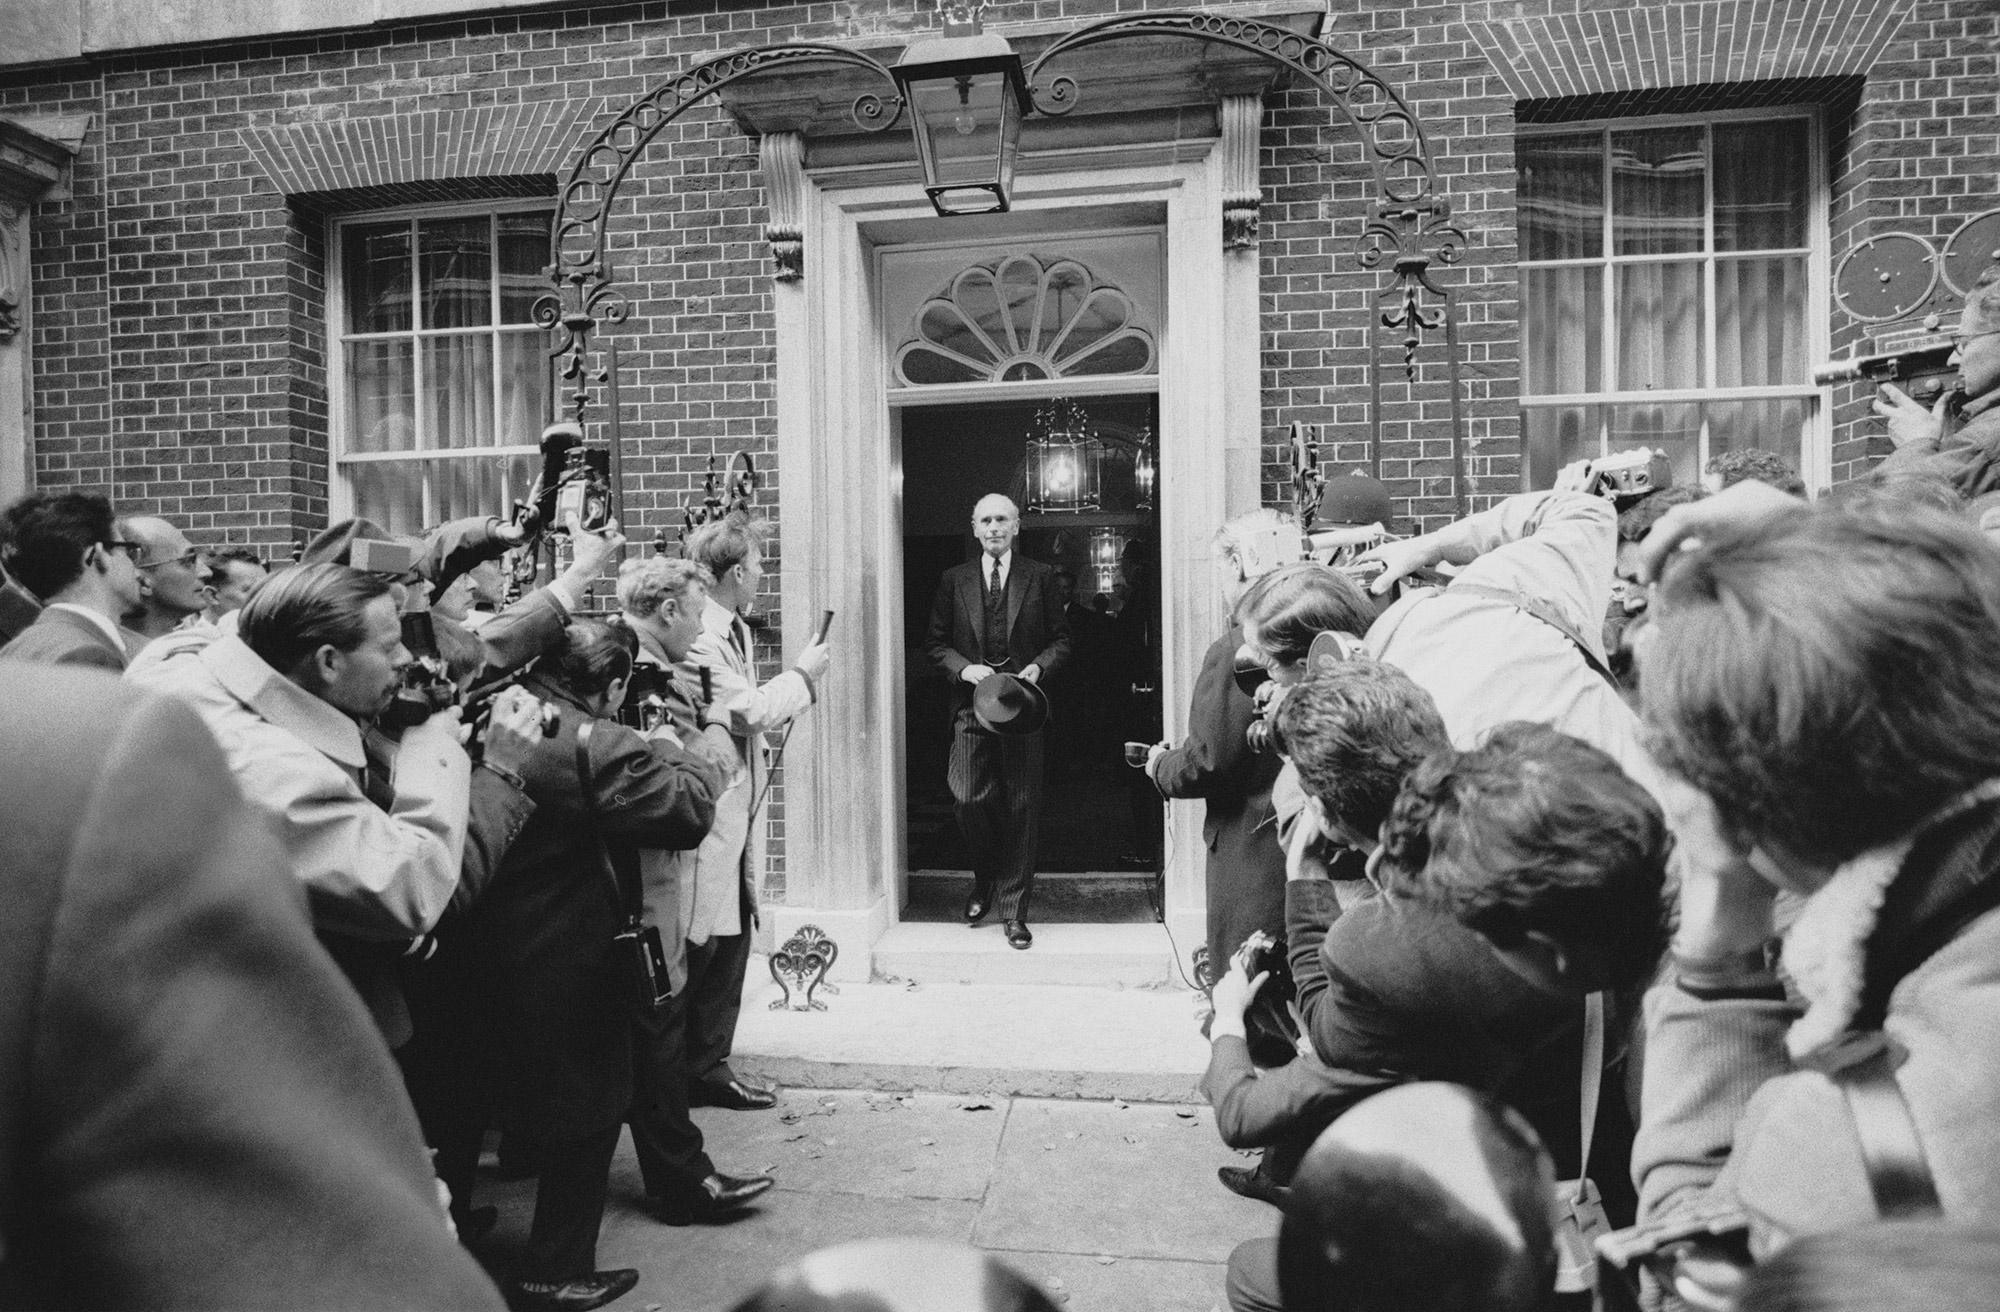 Политик-консерватор Алек Дуглас-Хьюм покидает офис премьер-министра наДаунинг-стрит